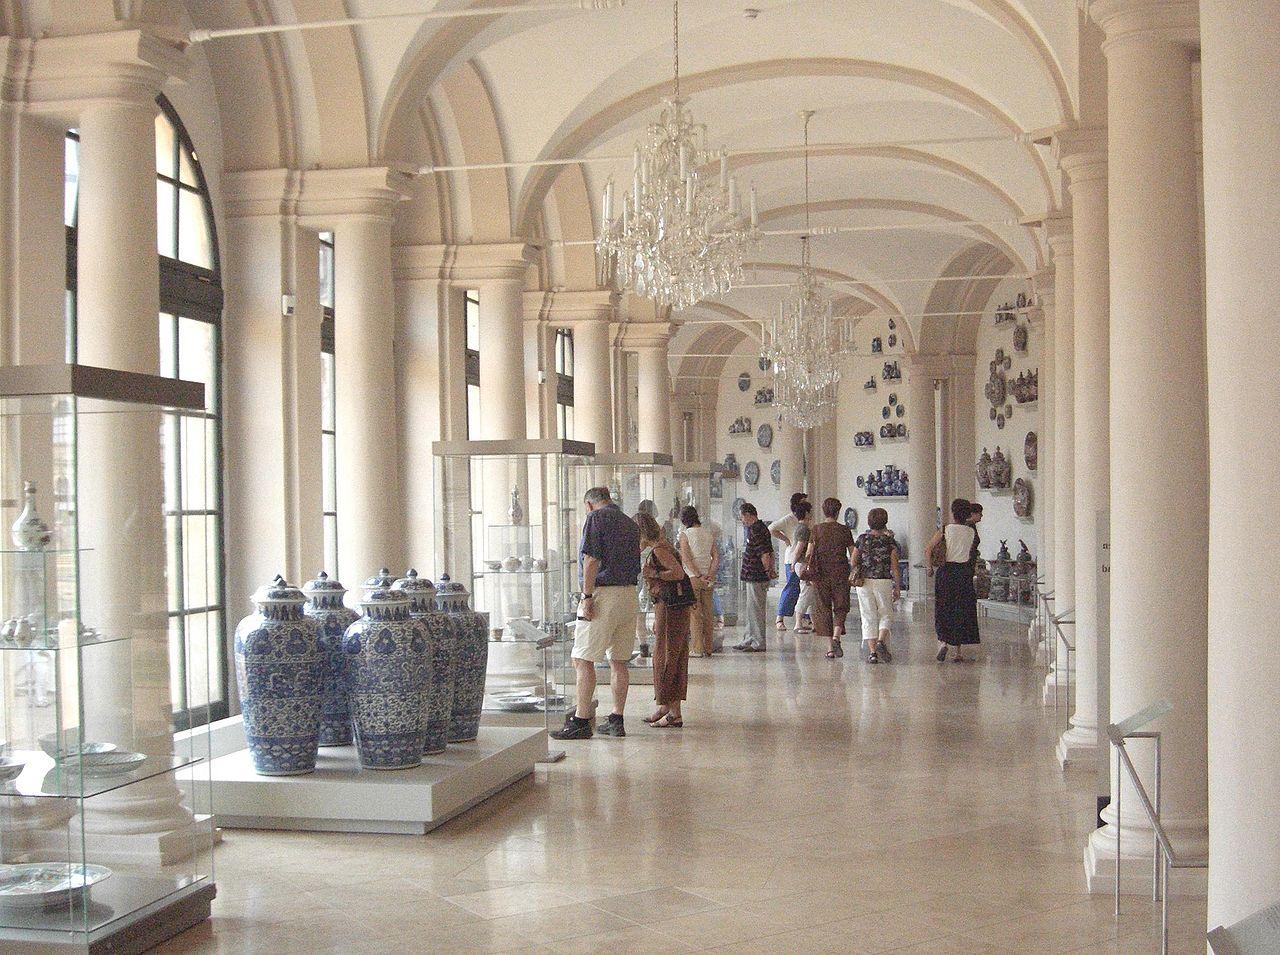 Музей фарфора в Дрездене, один из залов